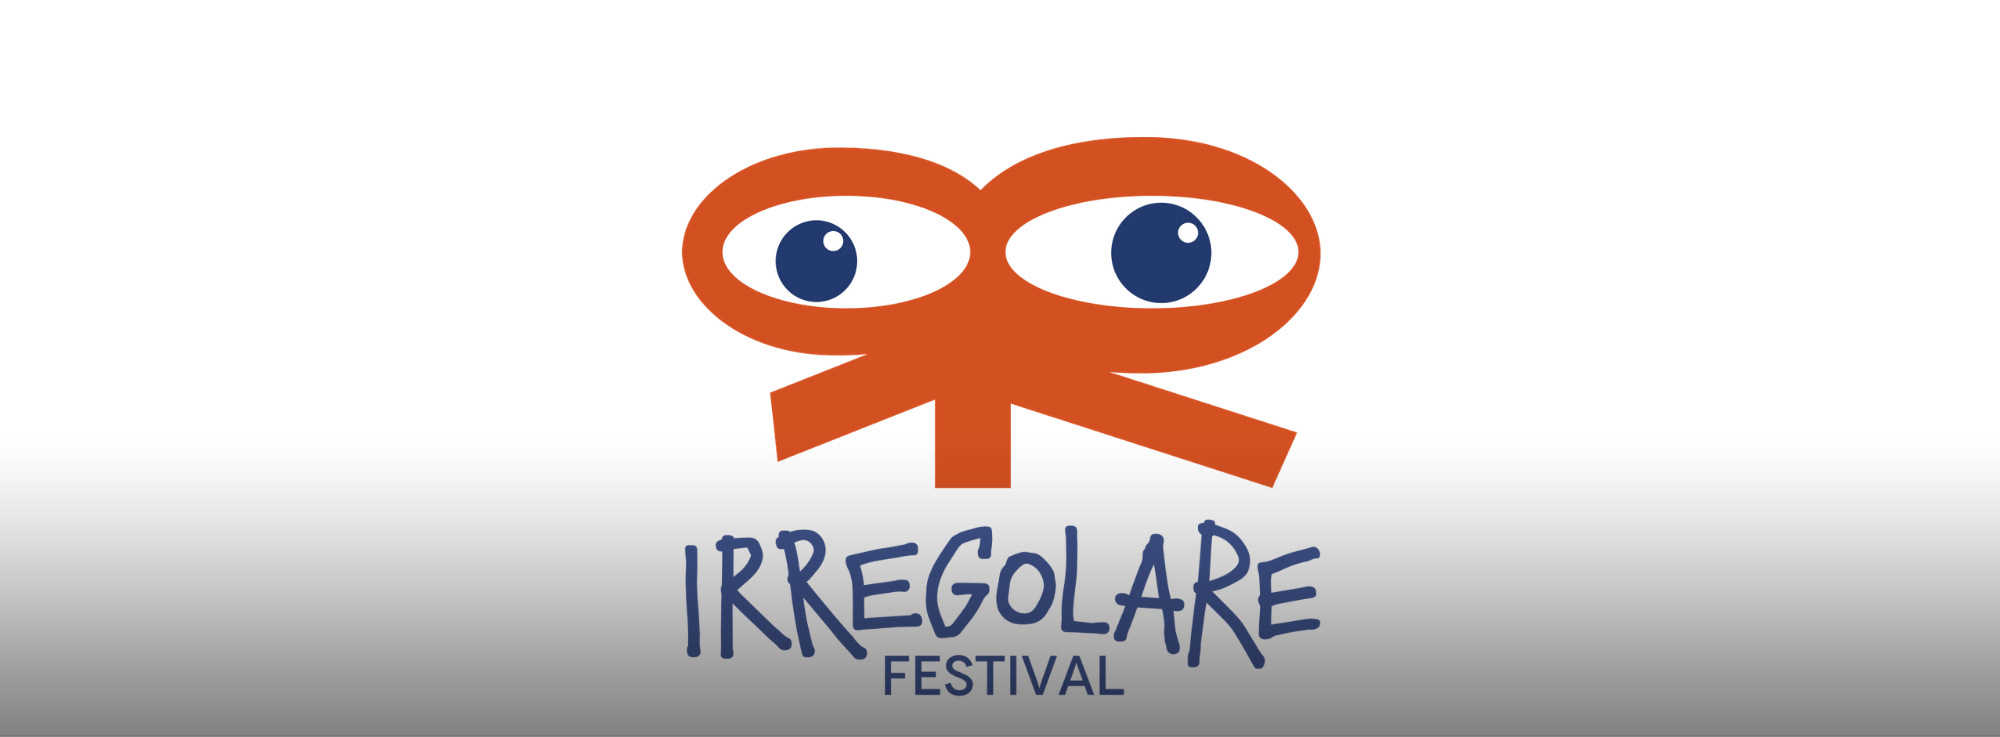 Lecce: Irregolare Festival